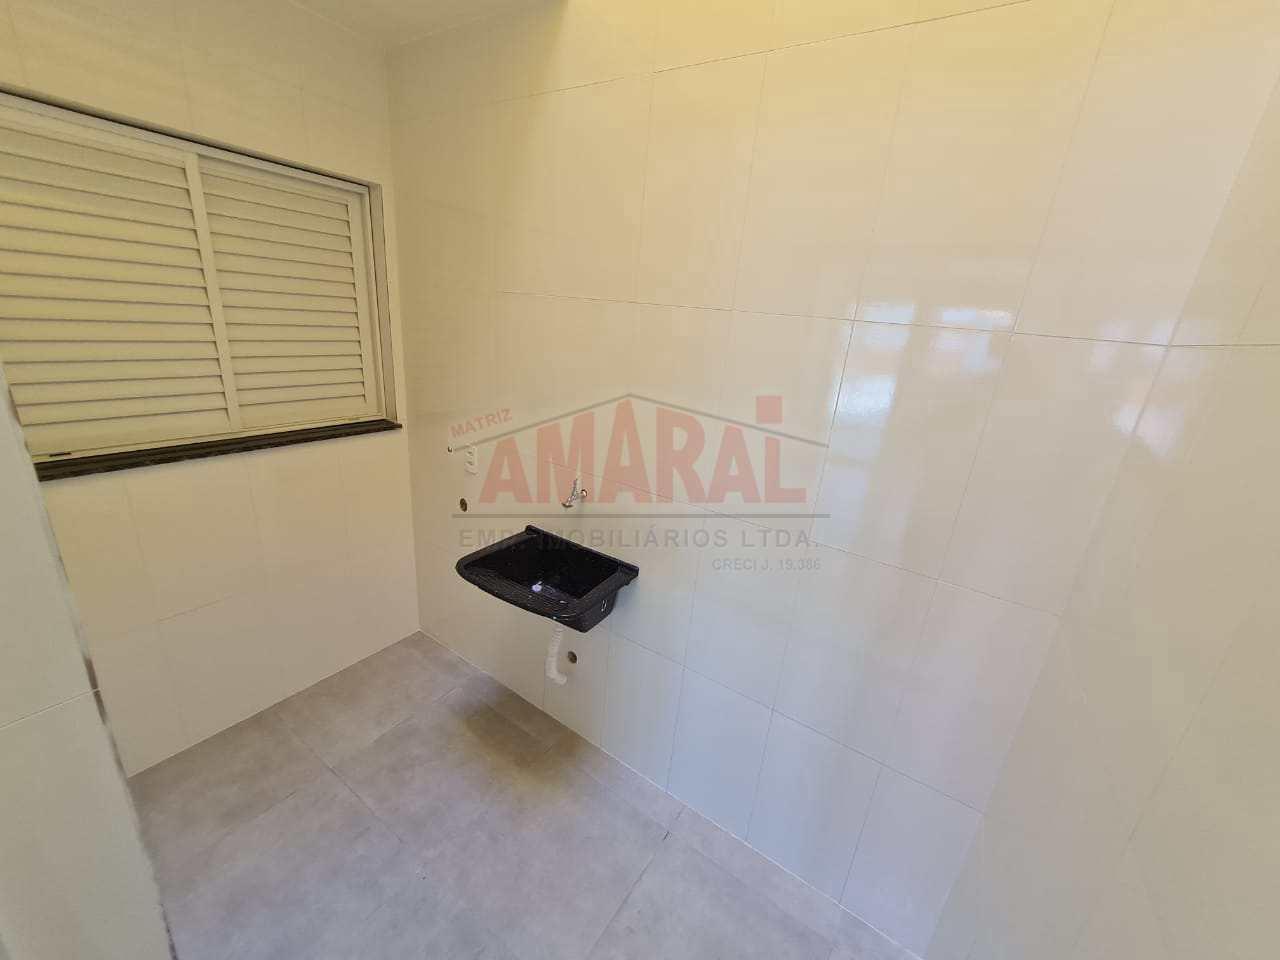 Casa de Condomínio com 2 dorms, Jardim Vera Cruz(Zona Leste), São Paulo - R$ 260 mil, Cod: 11369